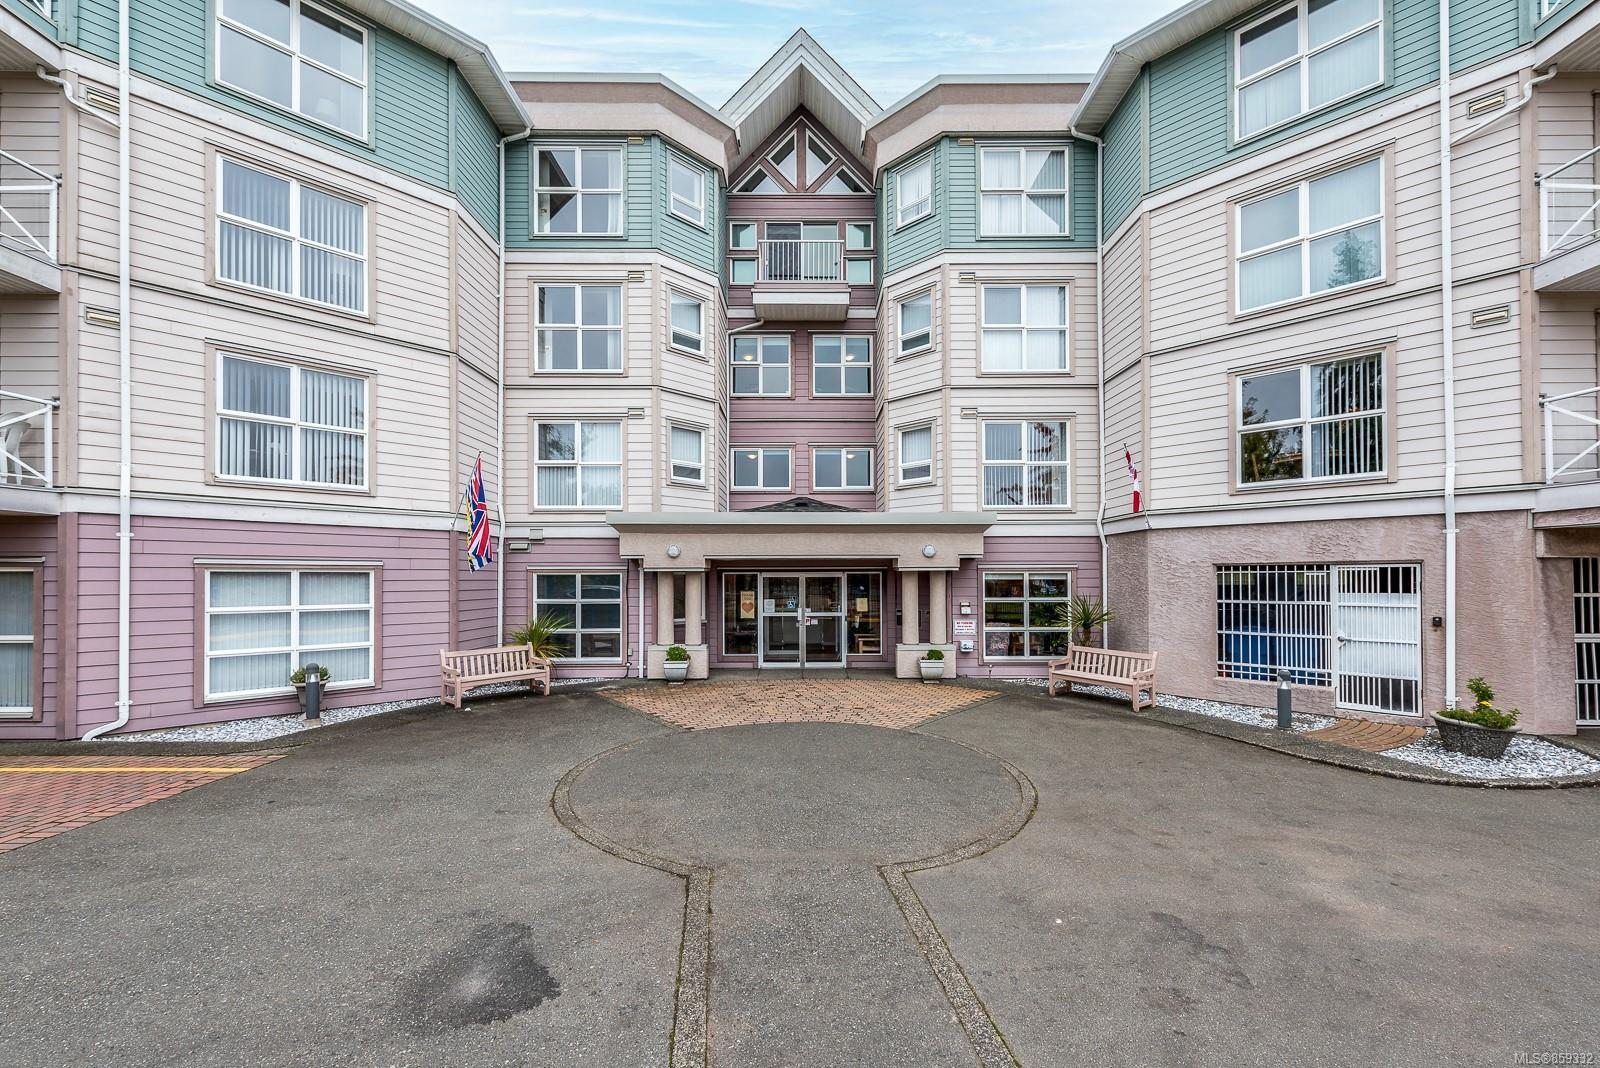 Main Photo: 311 1683 Balmoral Ave in : CV Comox (Town of) Condo for sale (Comox Valley)  : MLS®# 859332